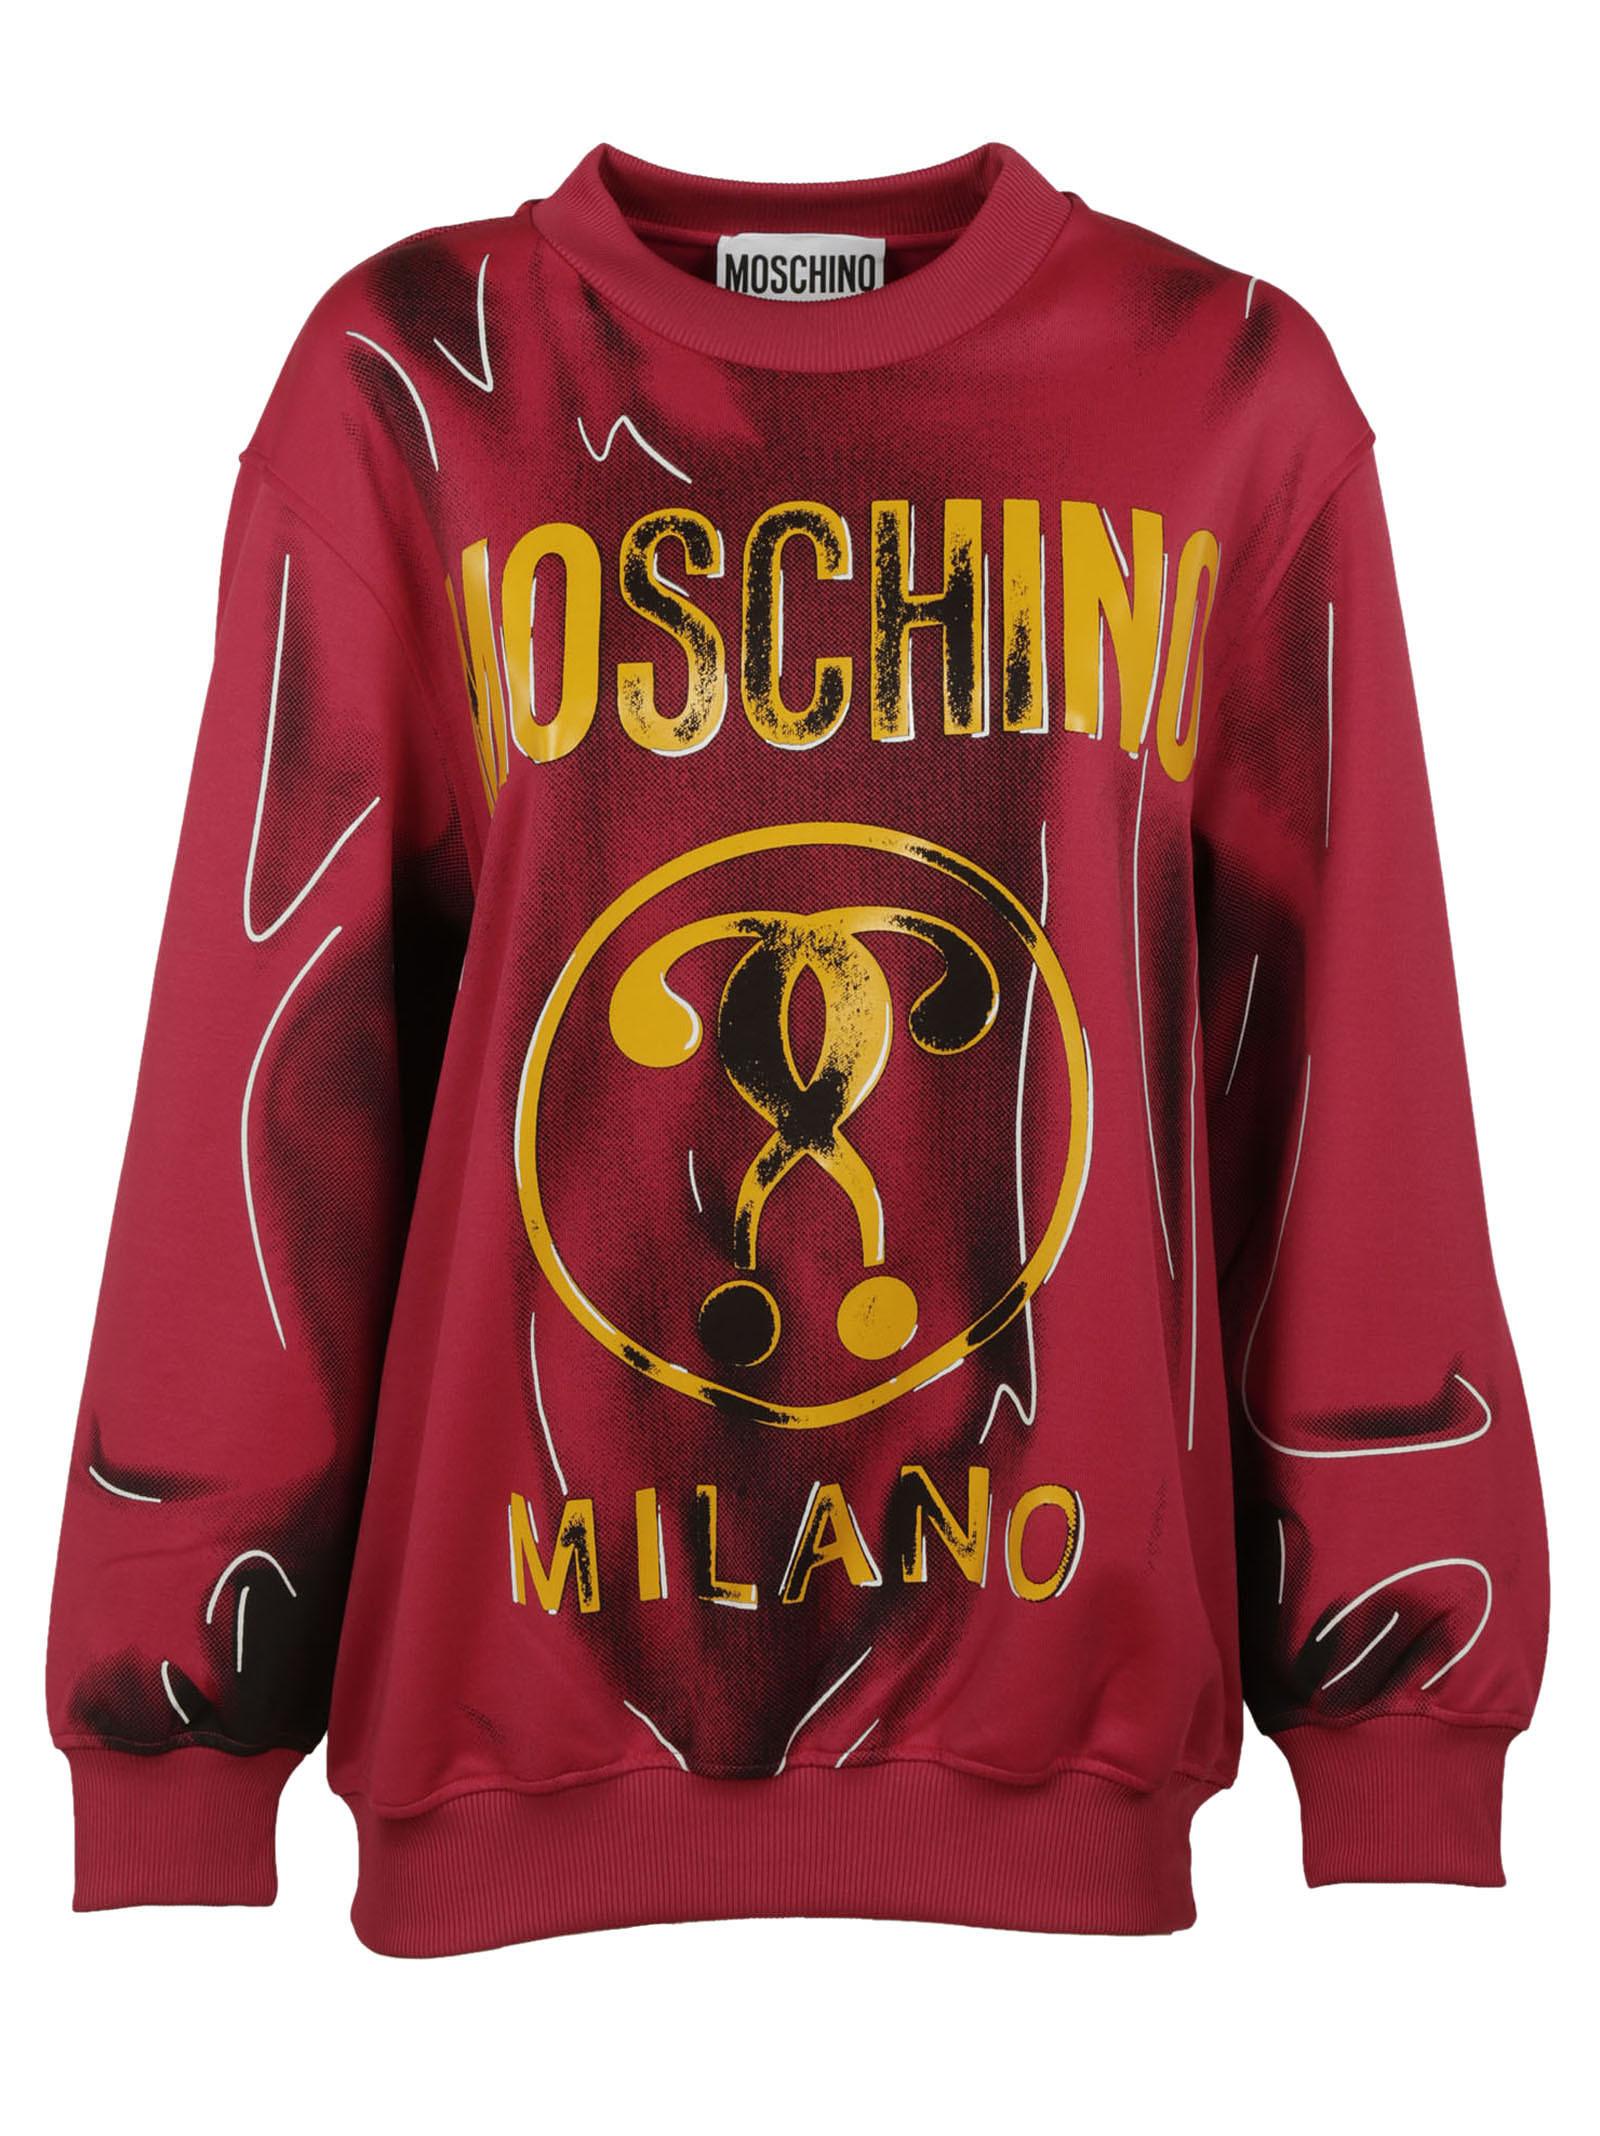 Moschino Printed Sweatshirt - Moschino - Boutique